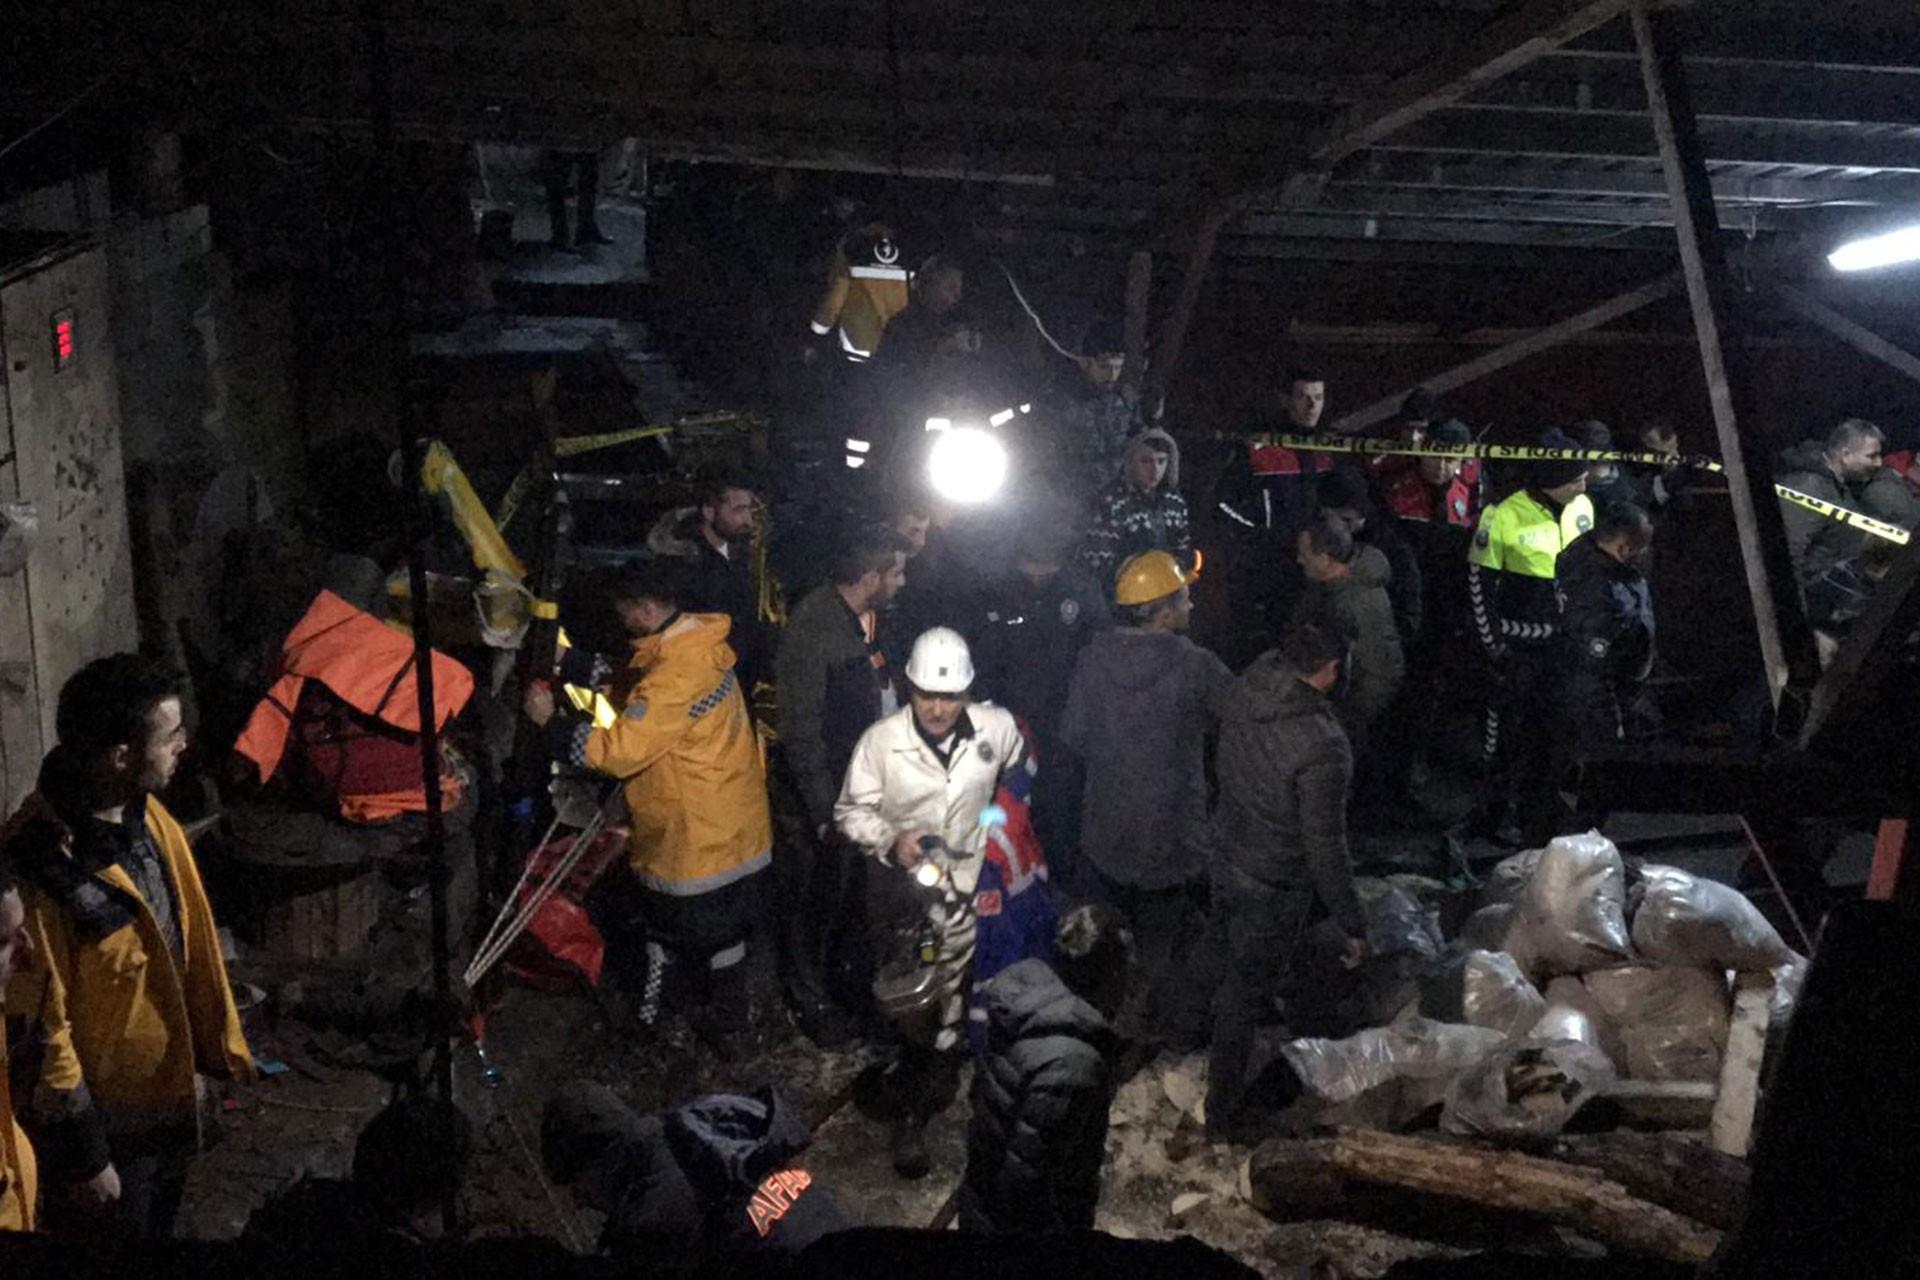 Maden ocağının giriş kısmında kurtarma çalışmaları için hazırlanan çok sayıda madenci ve kurtarma ekibi.